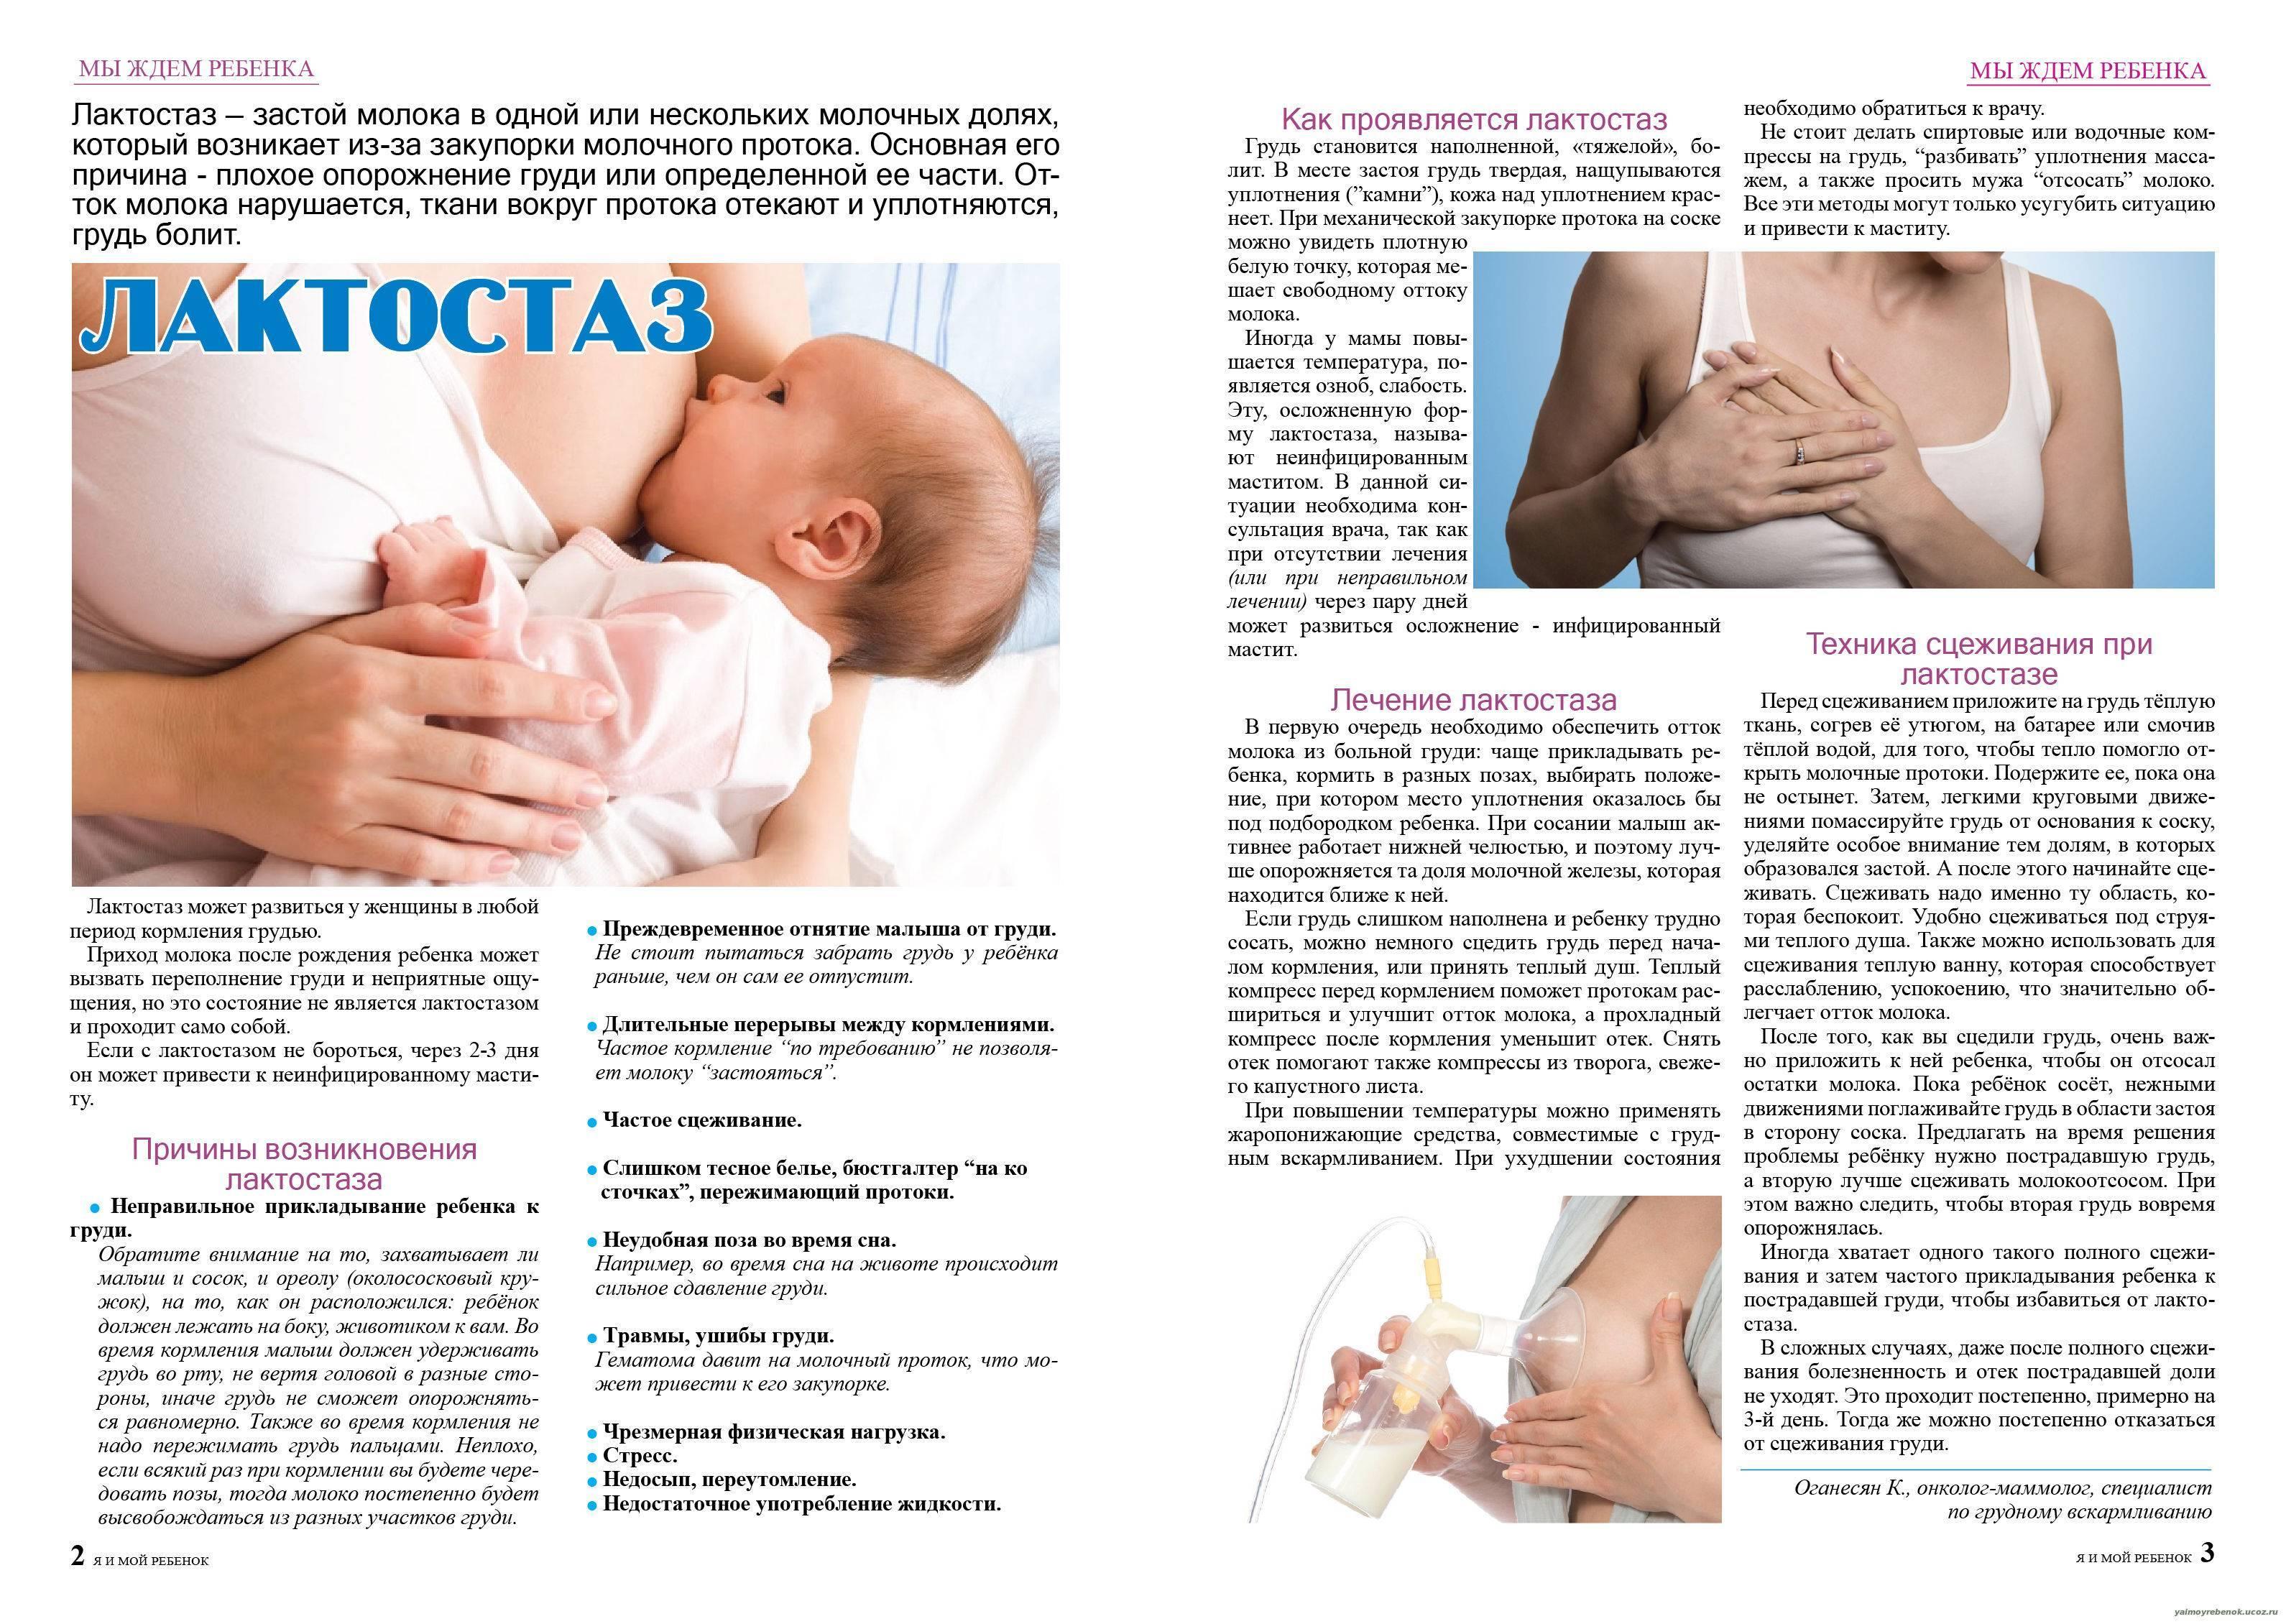 Болит грудь при гв, что делать: как облегчить дискомфорт при кормлении новорожденного, а также рекомендации, чем лечить такой недуг